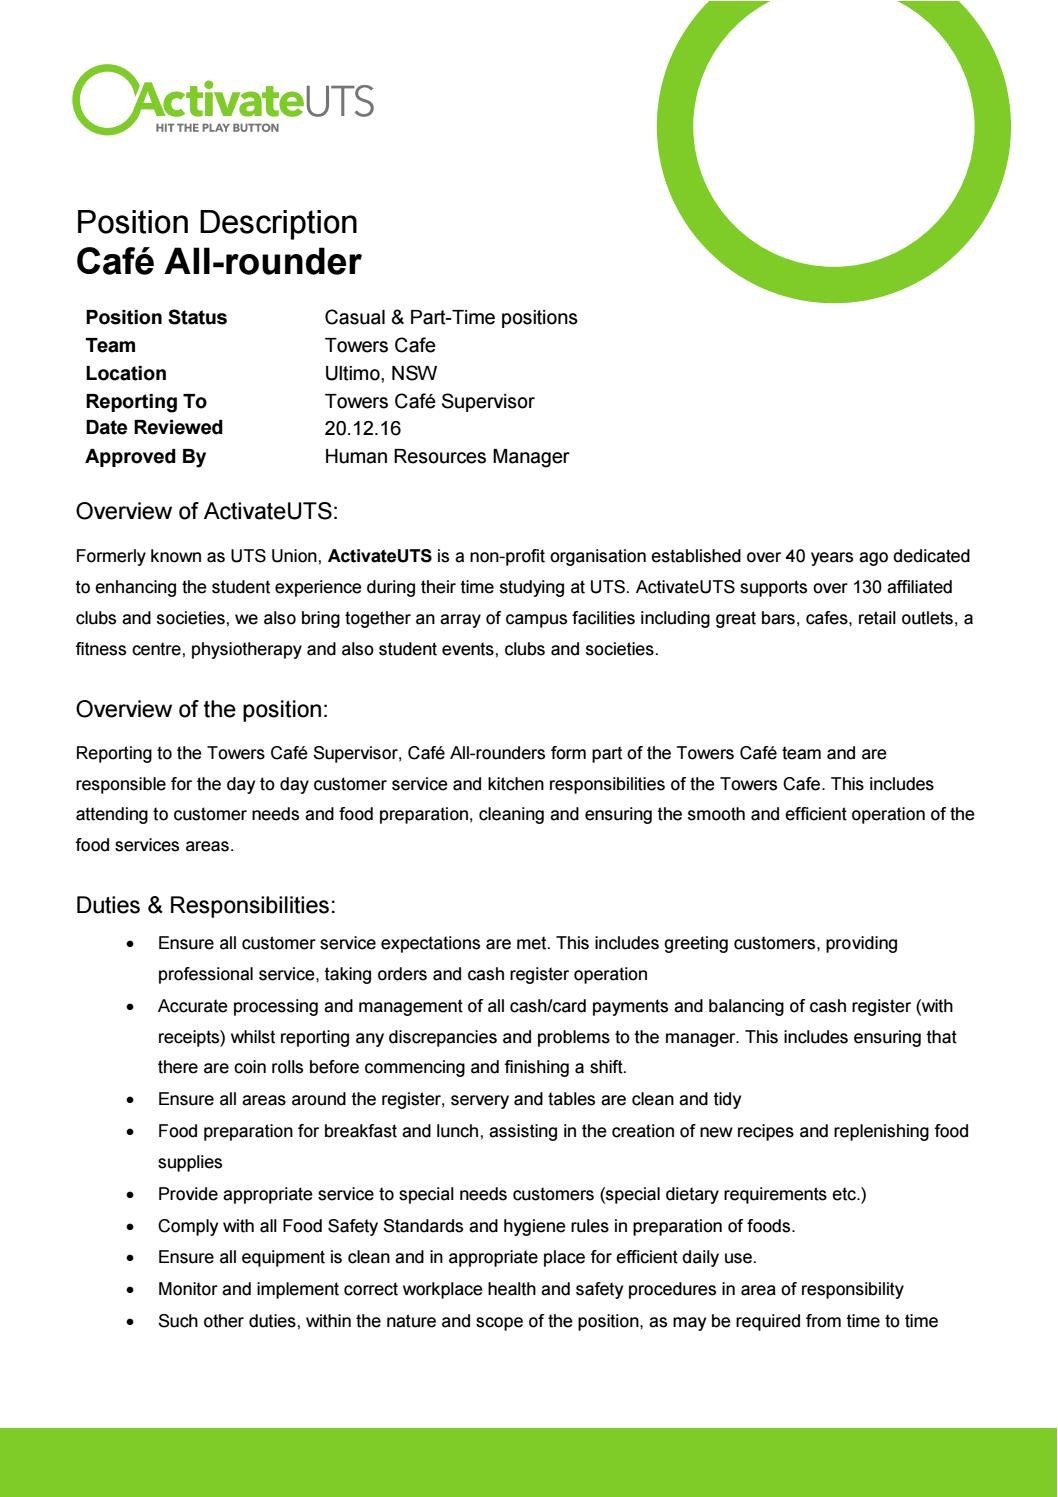 caf u00e9 all rounder- position description by activateuts